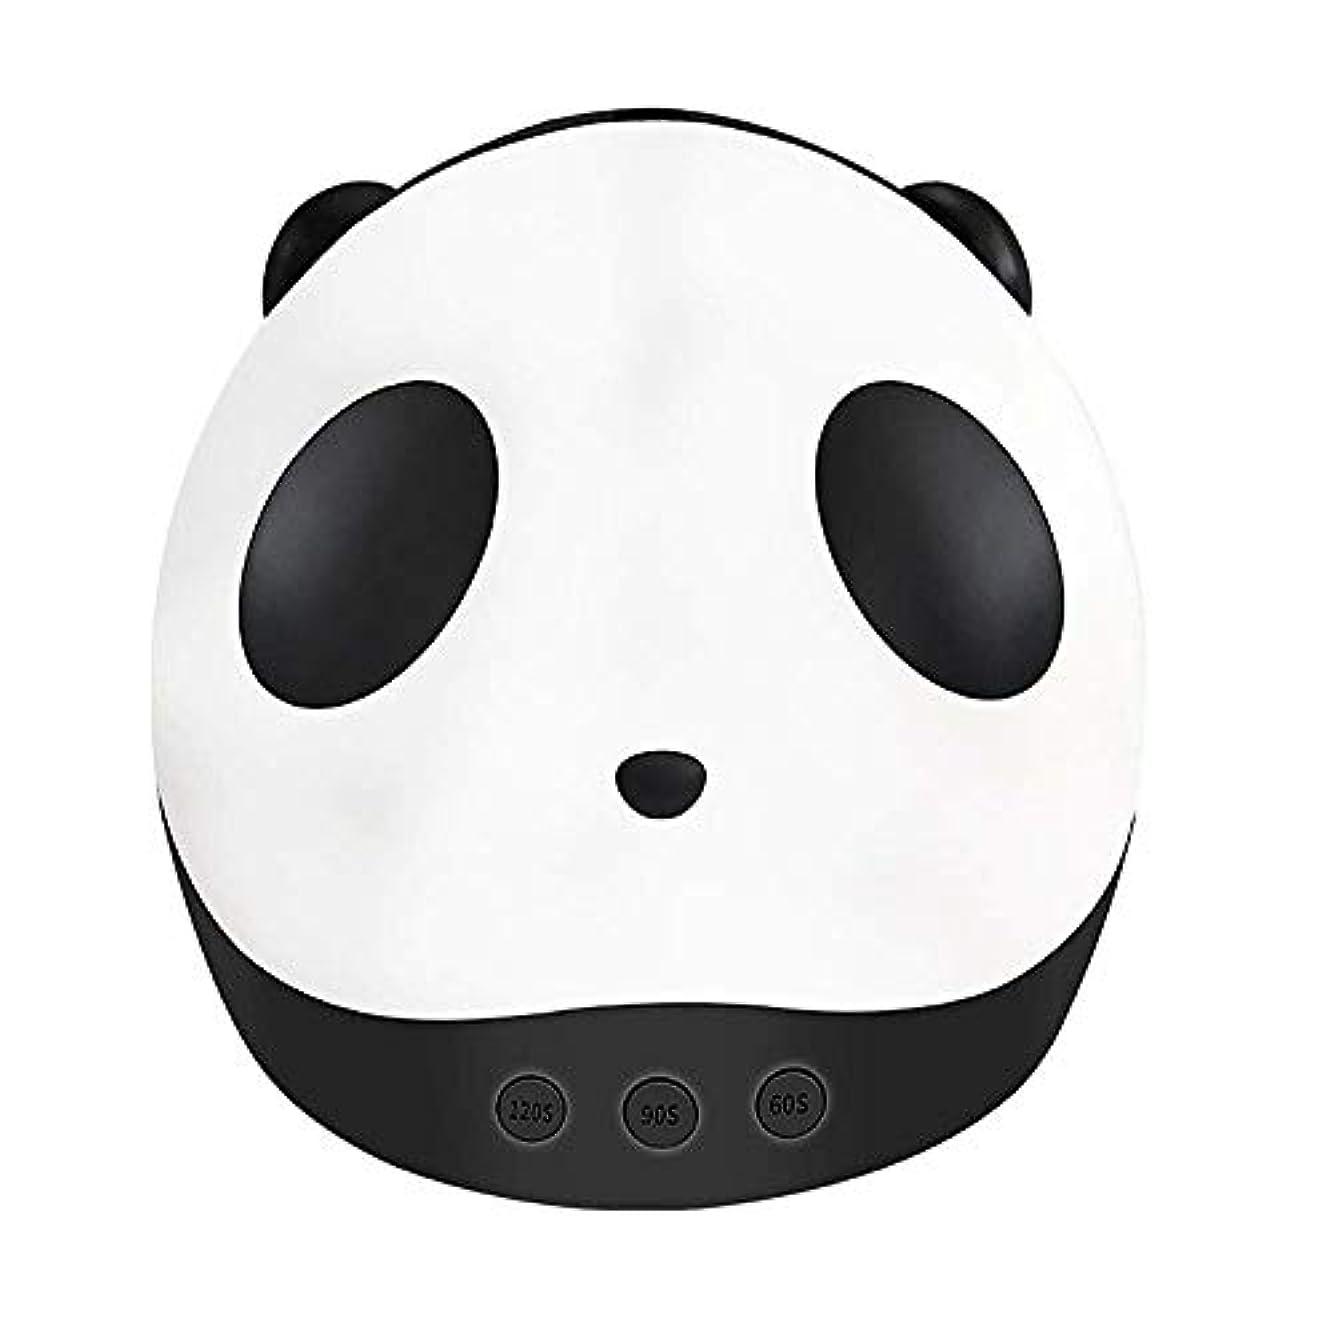 ご意見キャンディー堀パンダネイルドライヤーミニUV光線療法Led光線療法ライト36ワットスマートネイル光線療法機ネイルライト付き3タイマー設定機能、黒 (Color : Black)